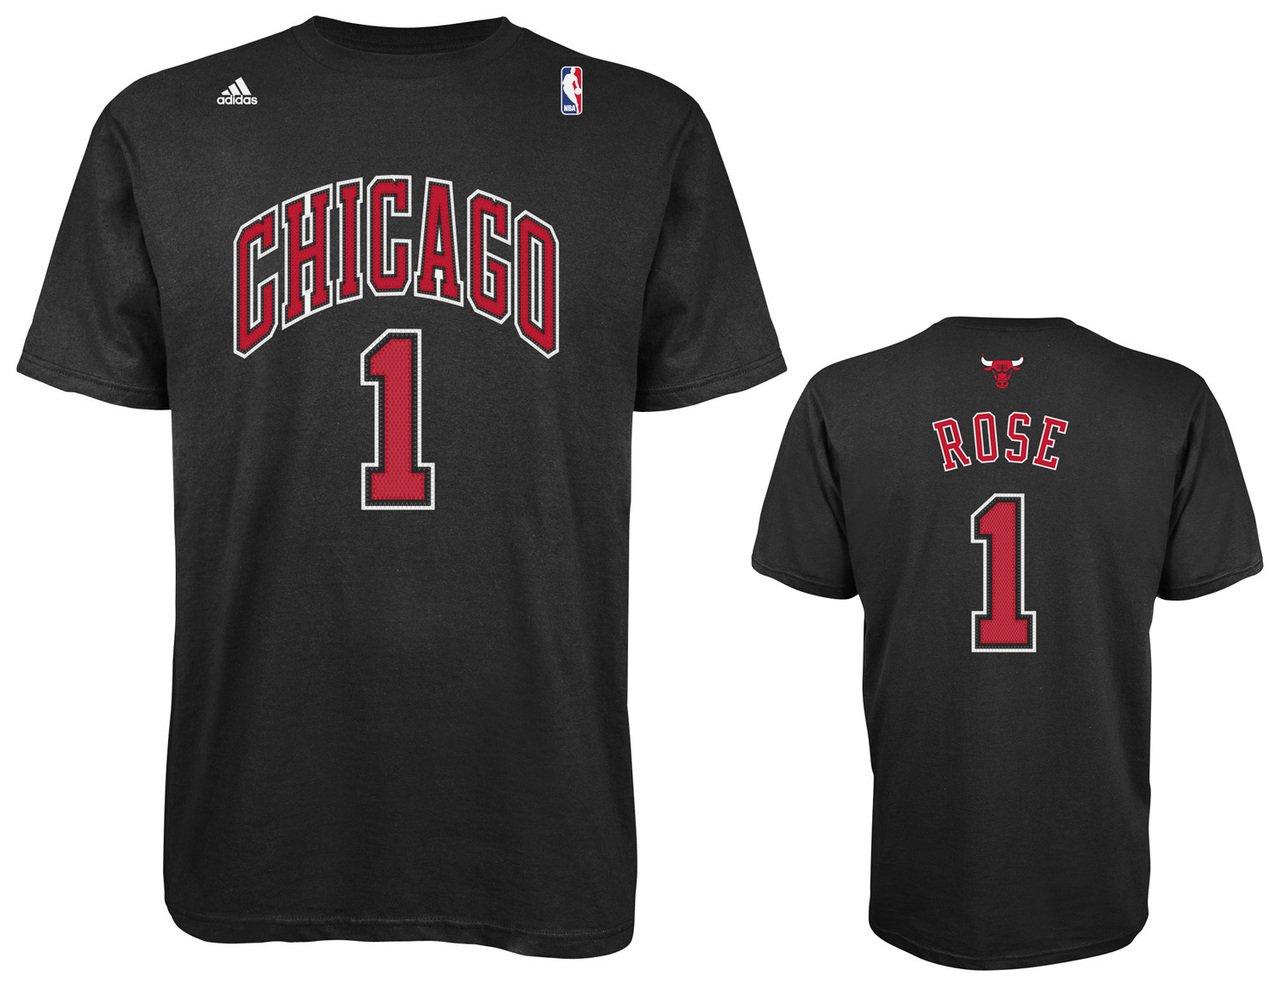 Adidas NBA Chicago Bulls de Hombre U Serie Road # 1 Derrick Rose N & N tee, Grande, Negro: Amazon.es: Deportes y aire libre